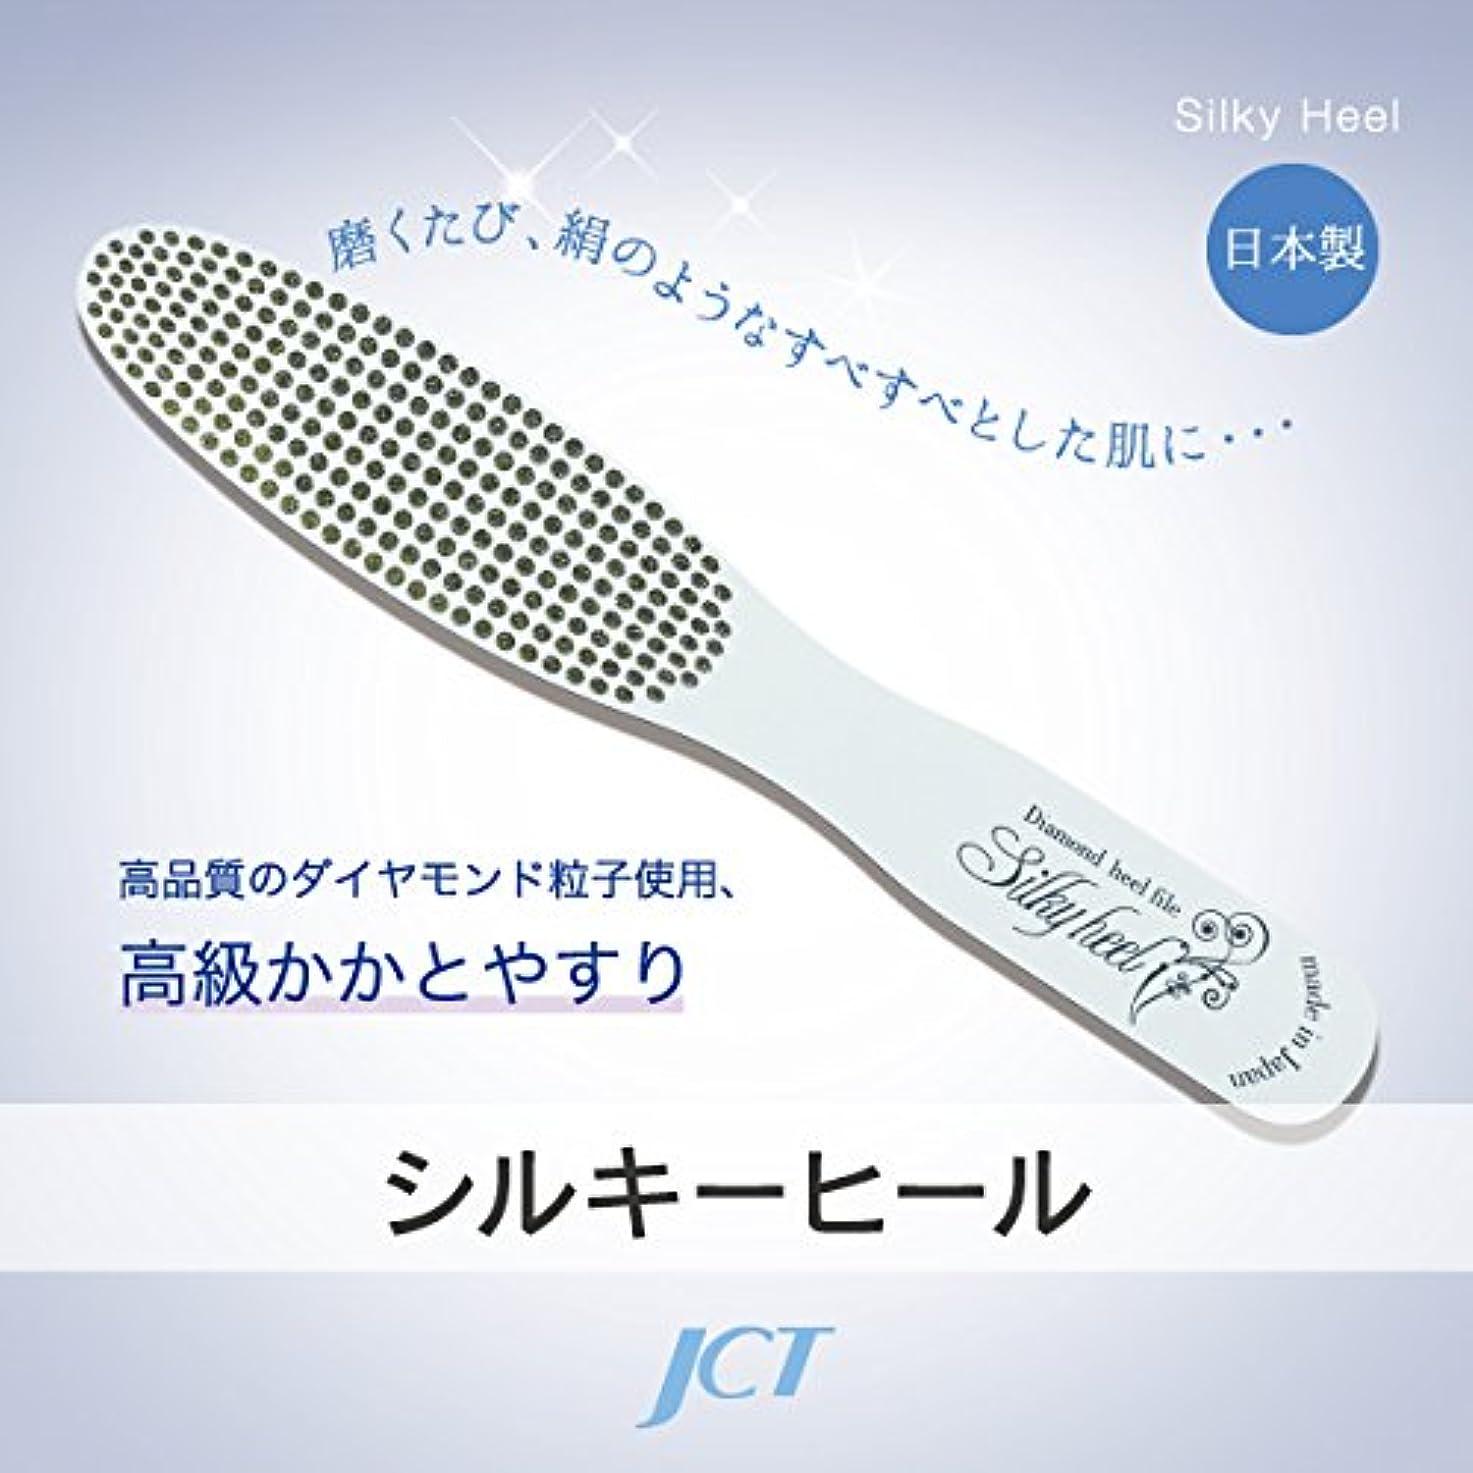 ロック建てる失敗JCT メディカル フットケア シルキーヒール(ホワイト) 滅菌可 日本製 1年間保証付